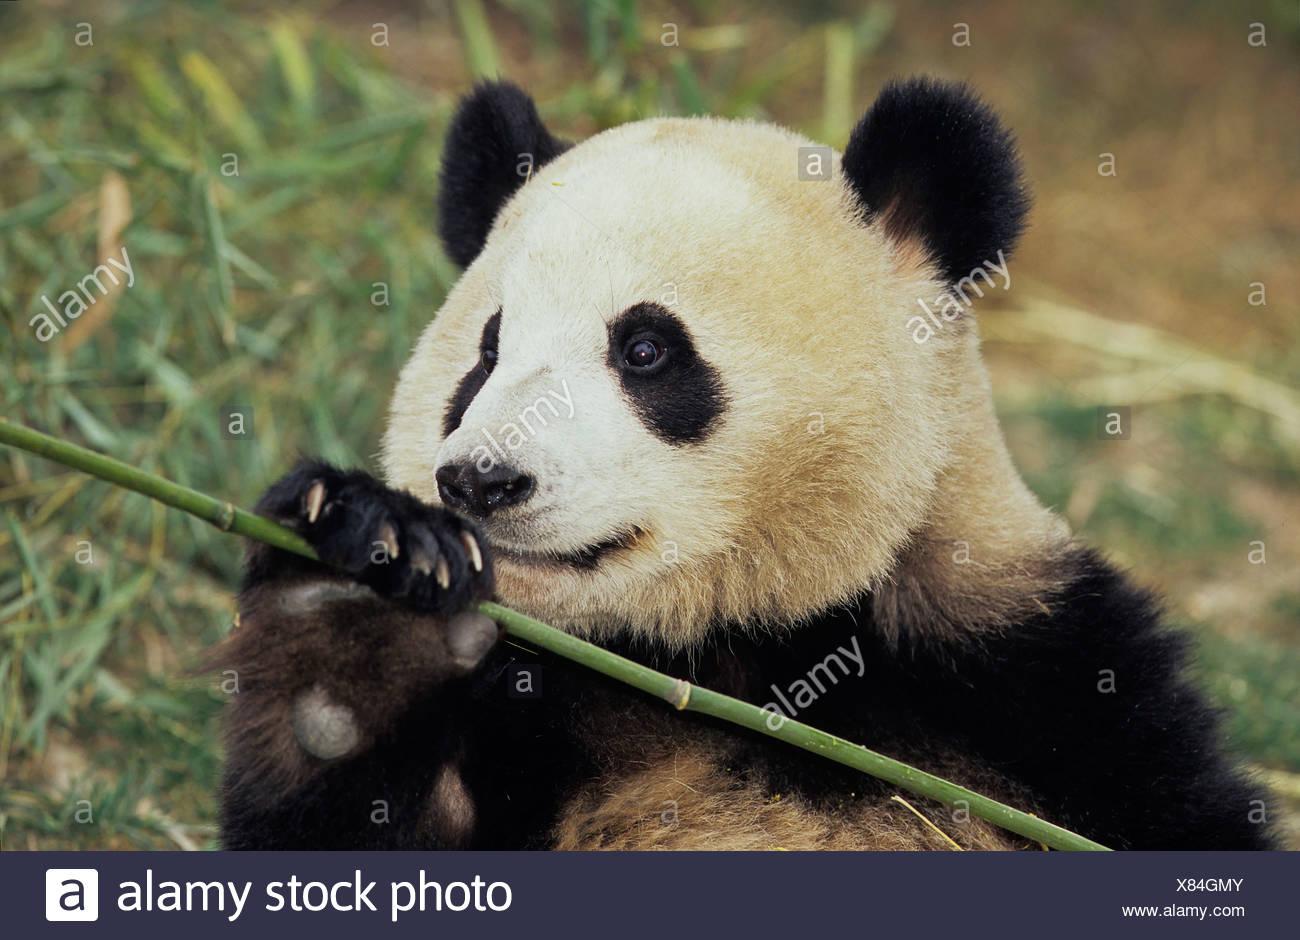 Tolle Süße Panda Malvorlagen Galerie - Druckbare Malvorlagen ...